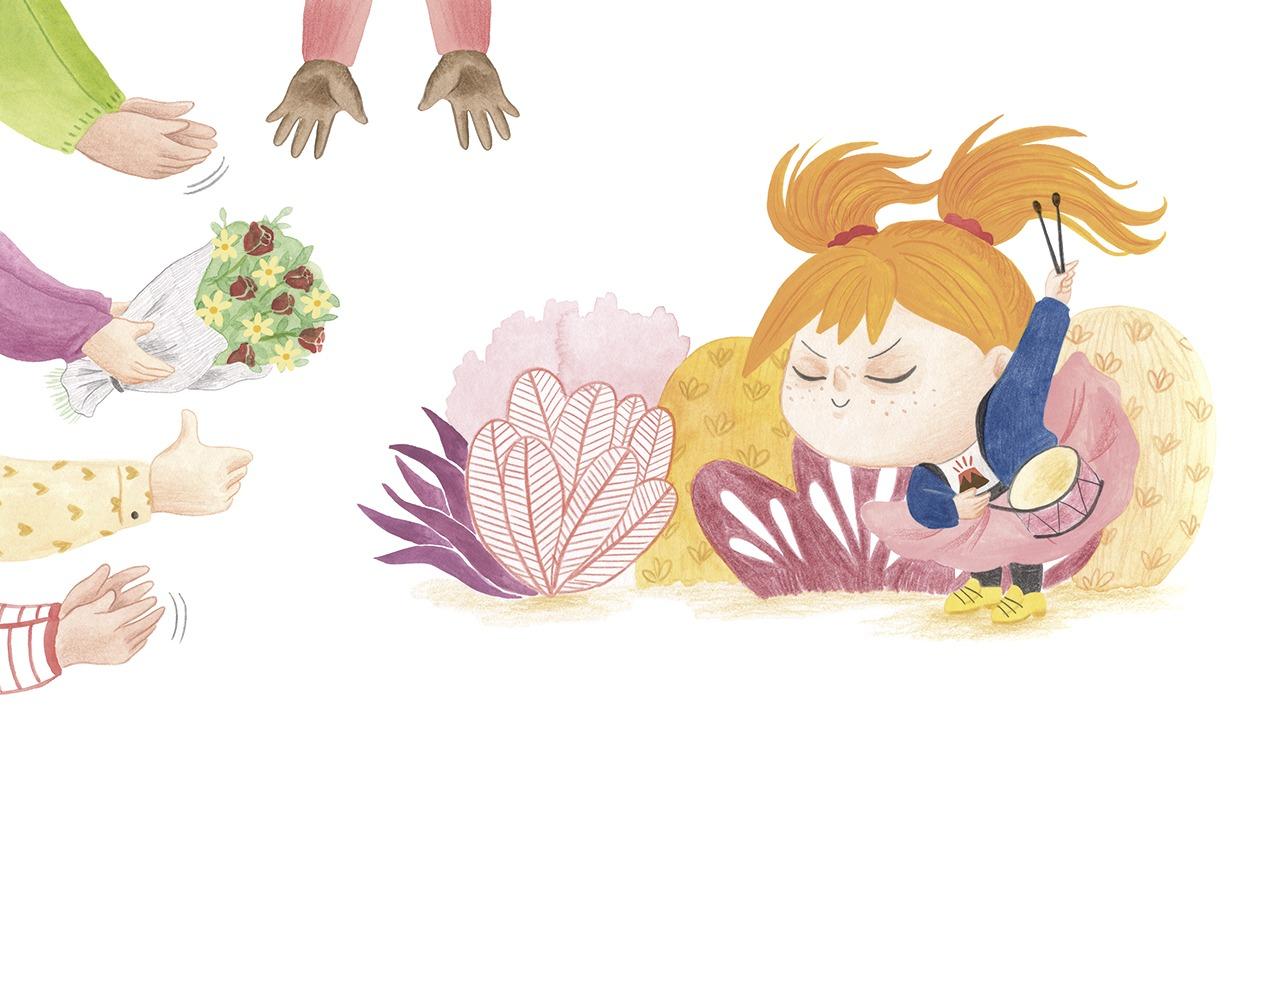 Ana está furiosa, ilustración infantil, ilustración para niños, niña enfadada, Christine Nöstlinger, Mar Villar, El Barco de Vapor, SM, ilustración de niña y tambor,